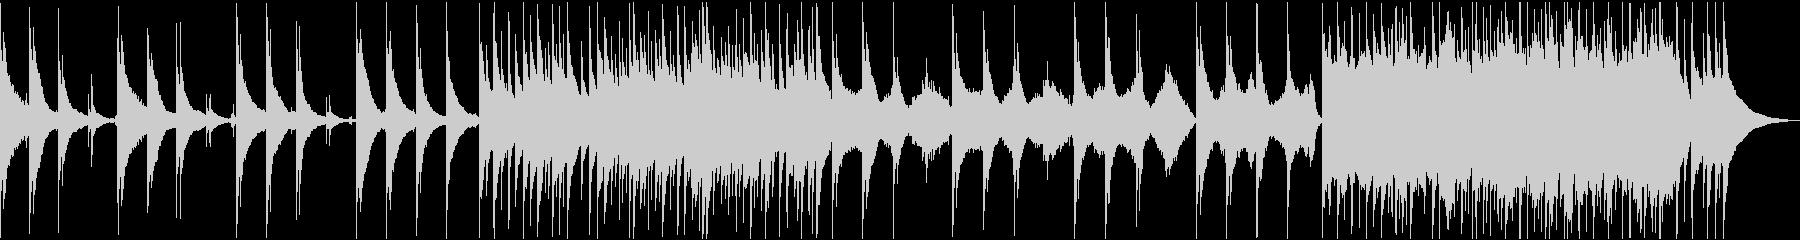 アコギと弦楽器の優しい癒しの映像用音楽の未再生の波形